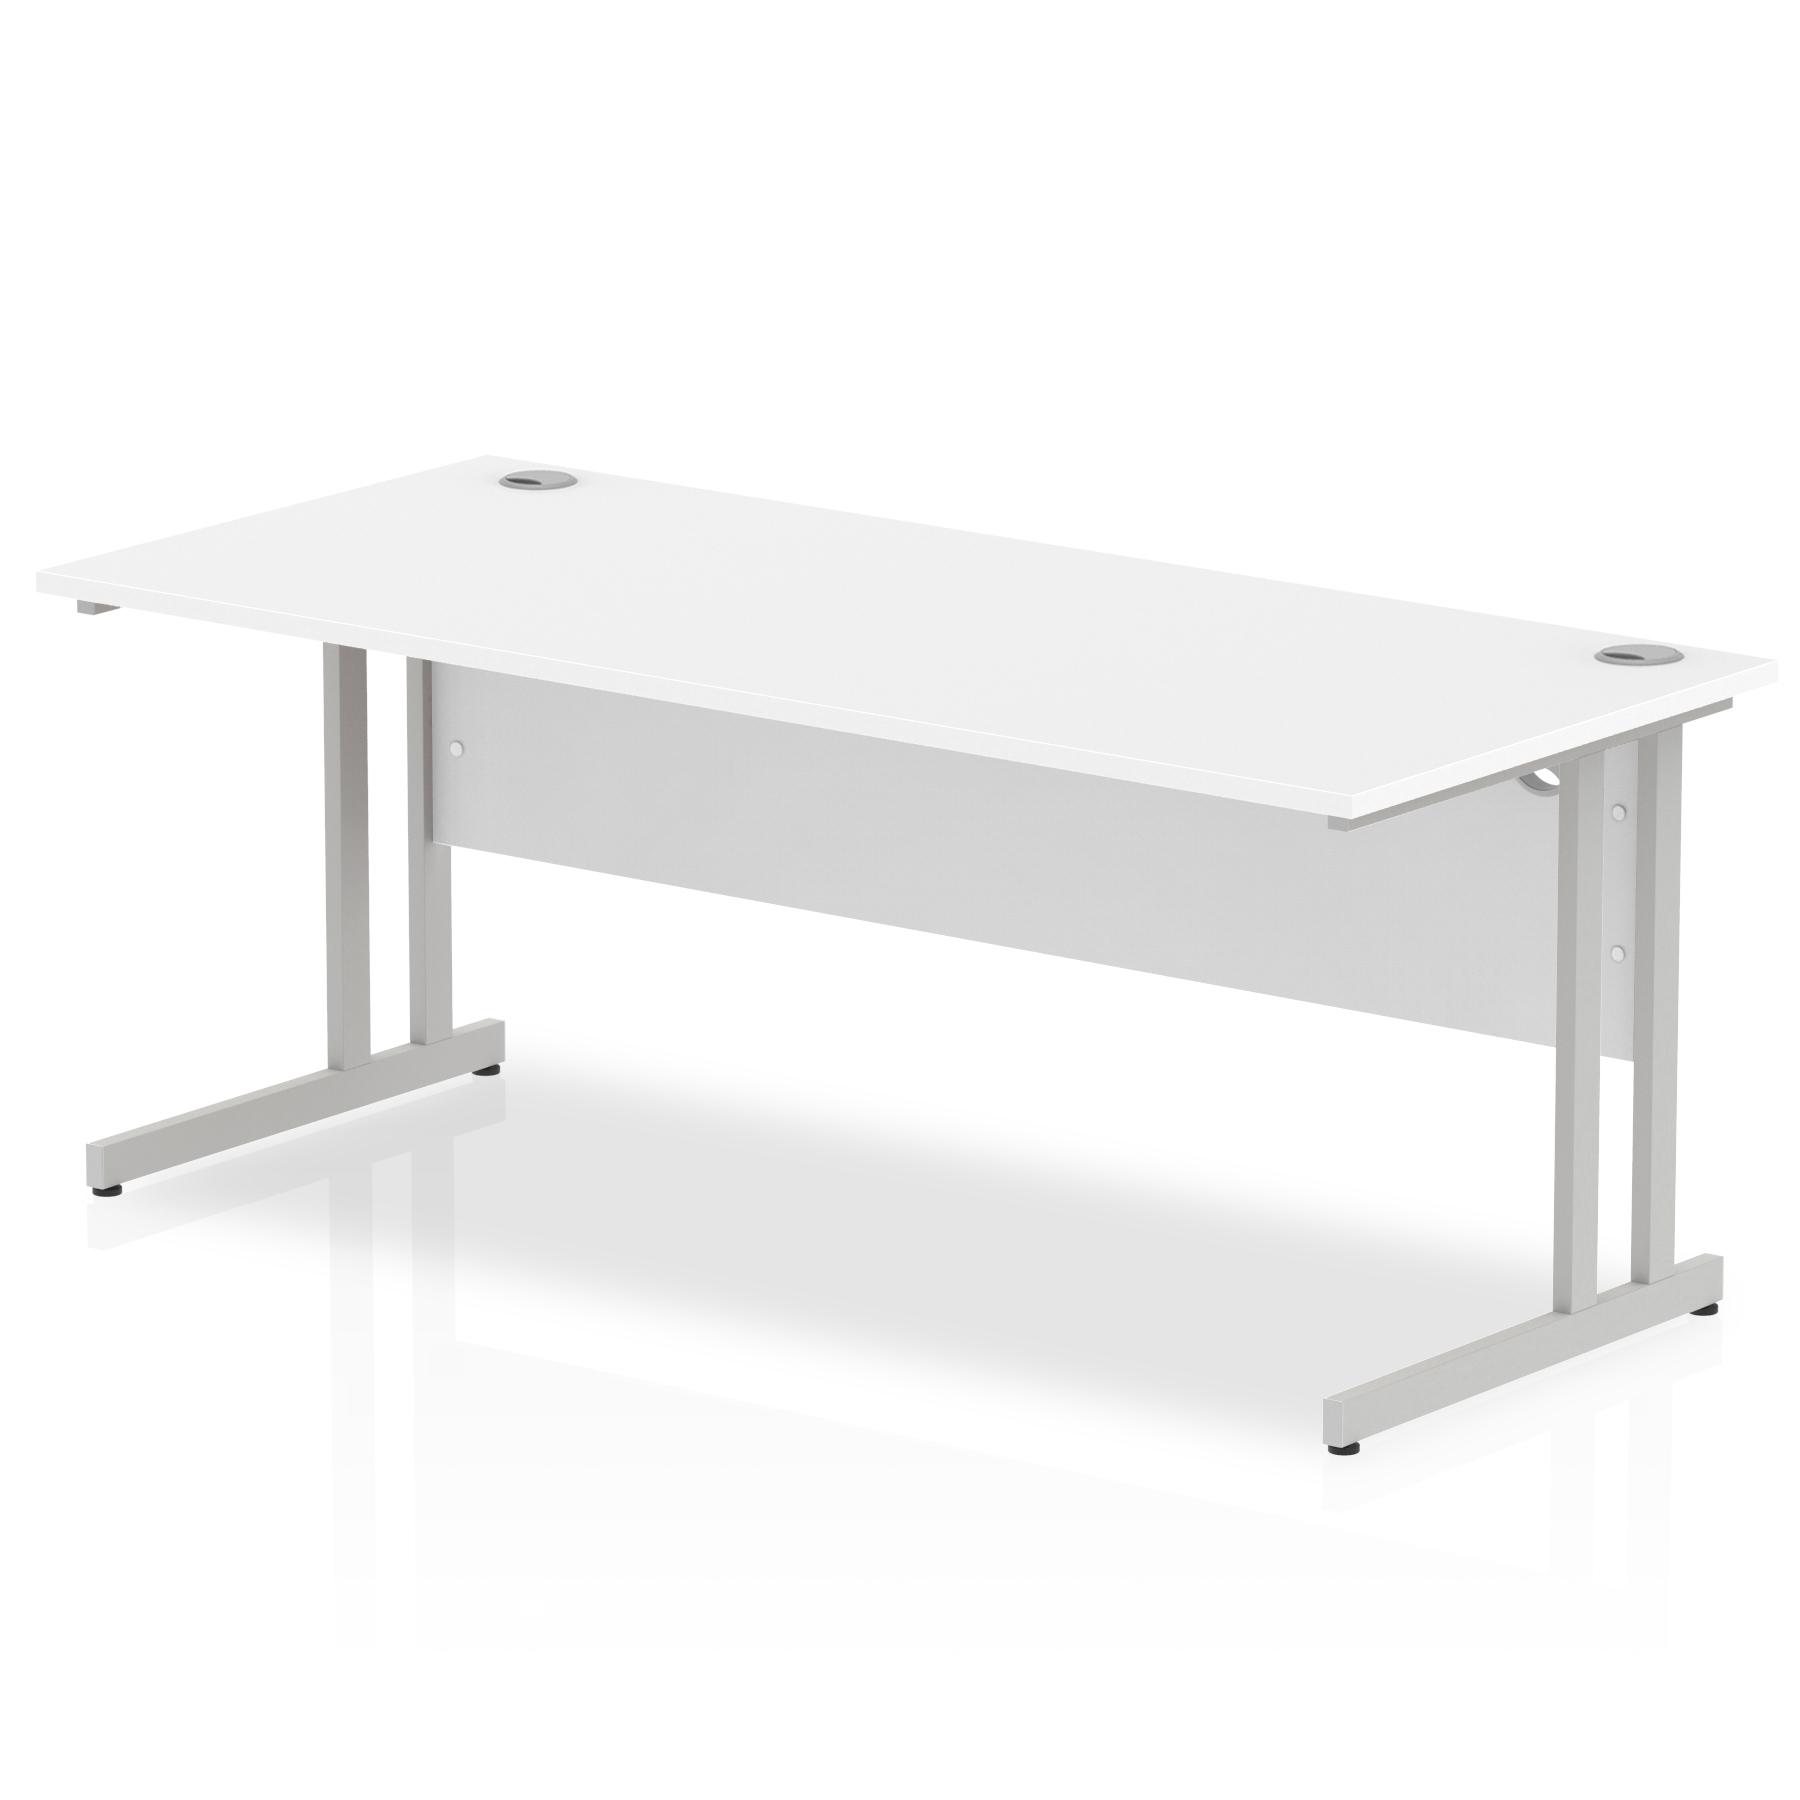 Rectangular Desks Impulse 1800 x 800mm Straight Desk White Top Silver Cantilever Leg I000308